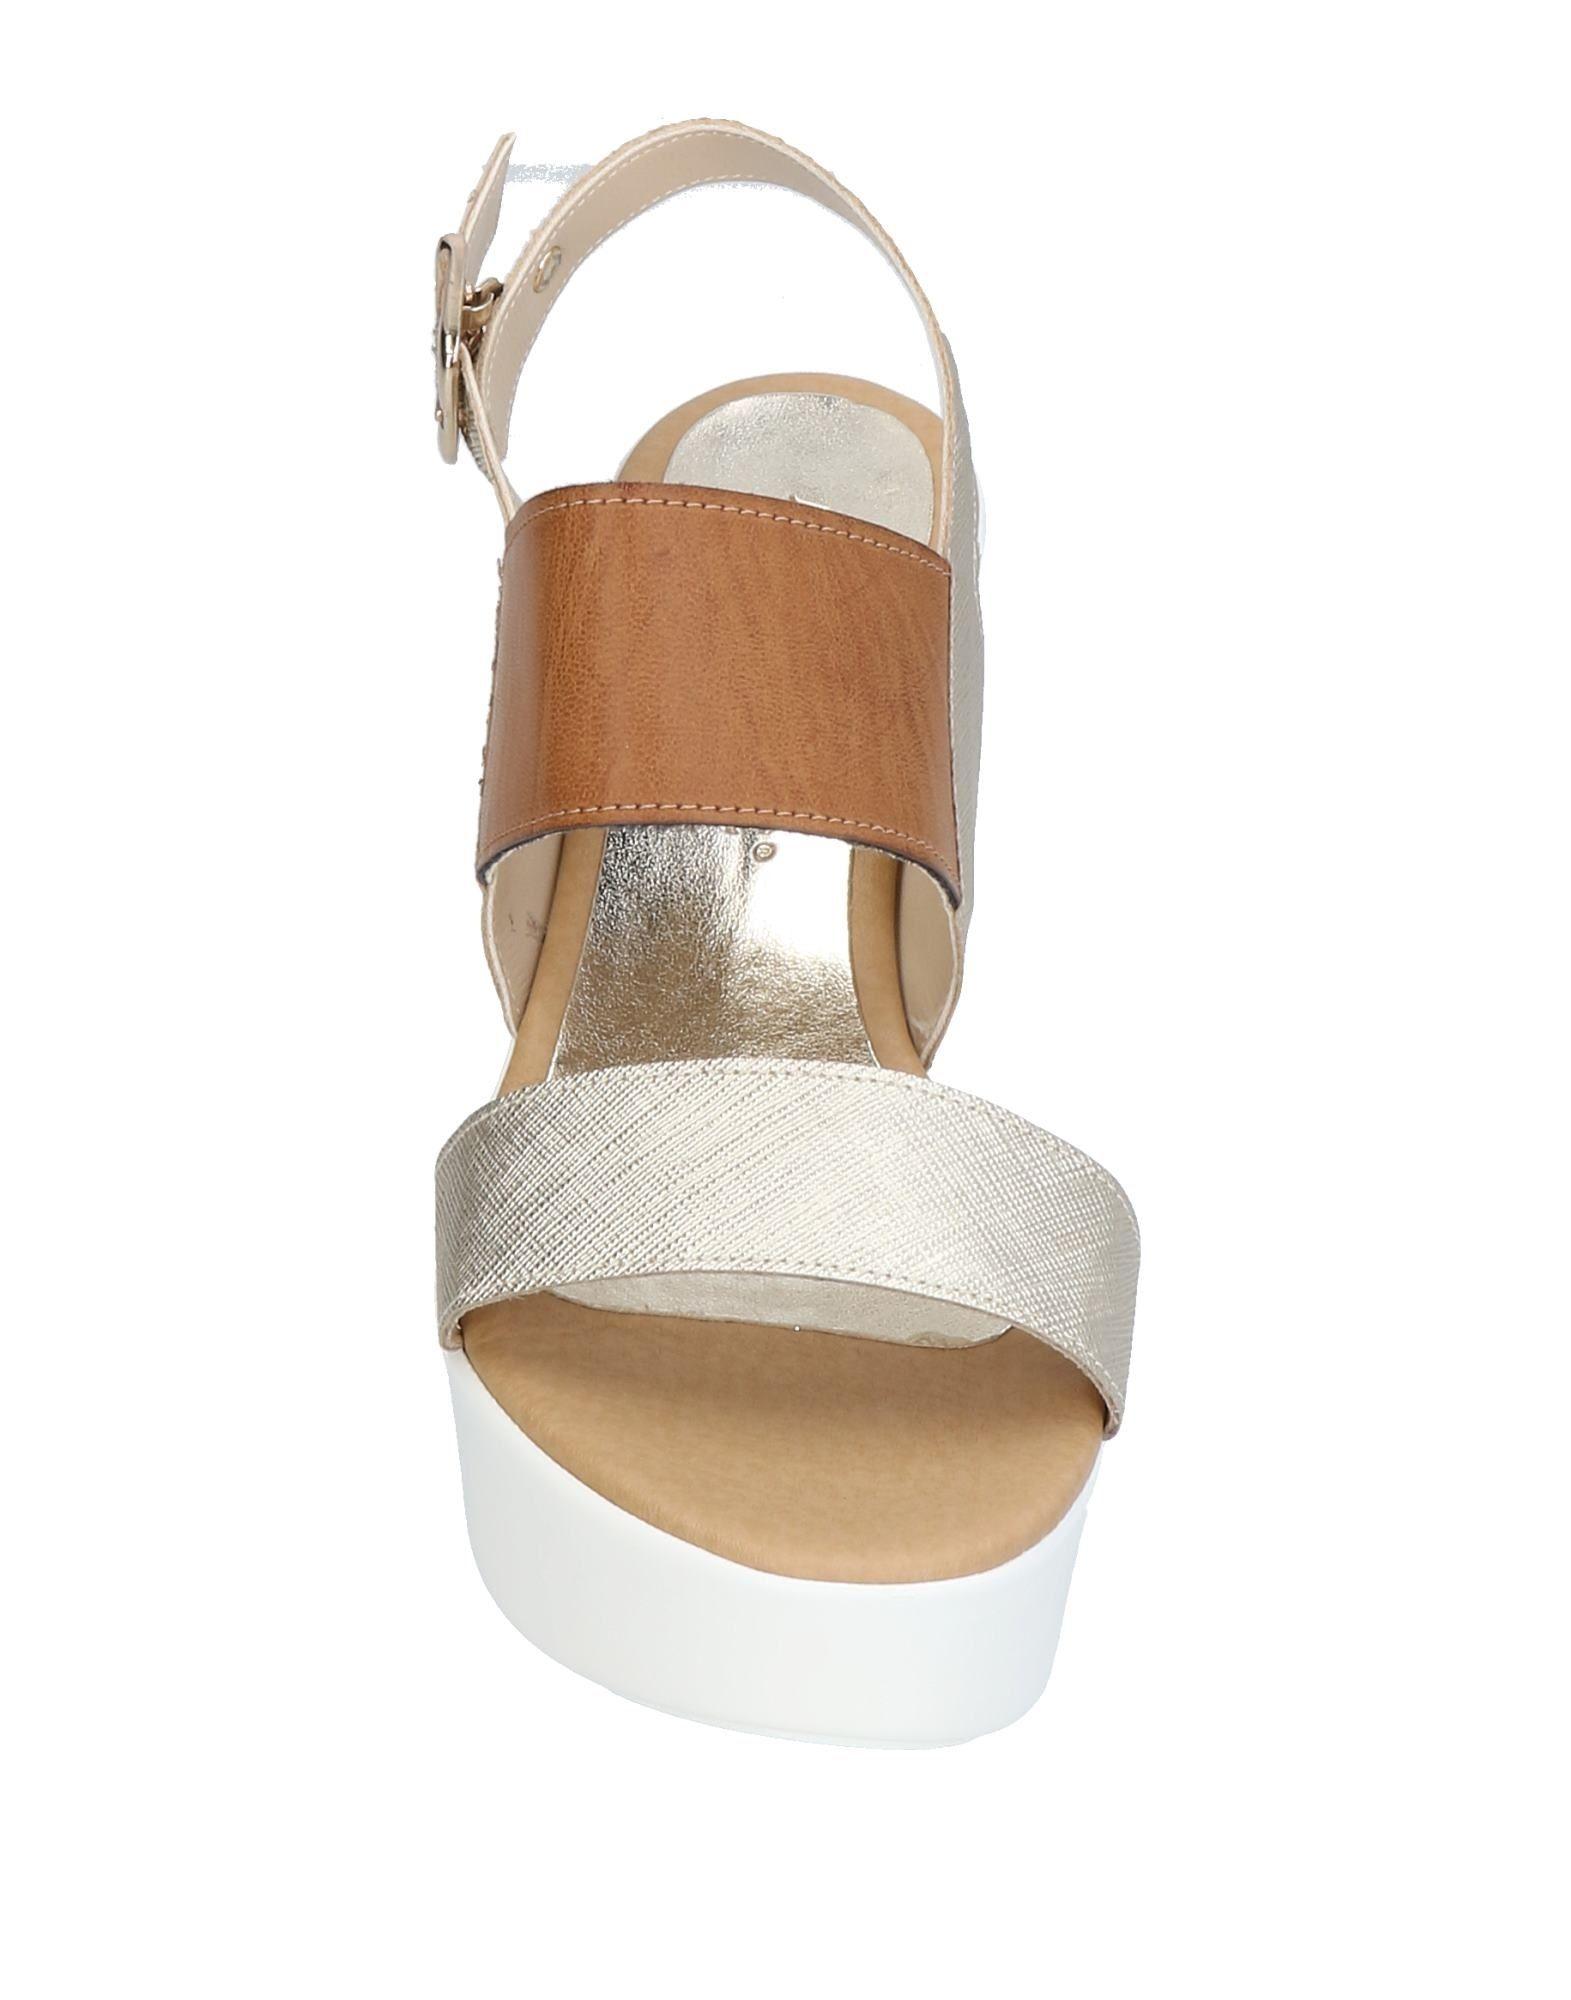 Angela George Sandalen Damen  11460238HI Gute Qualität beliebte Schuhe